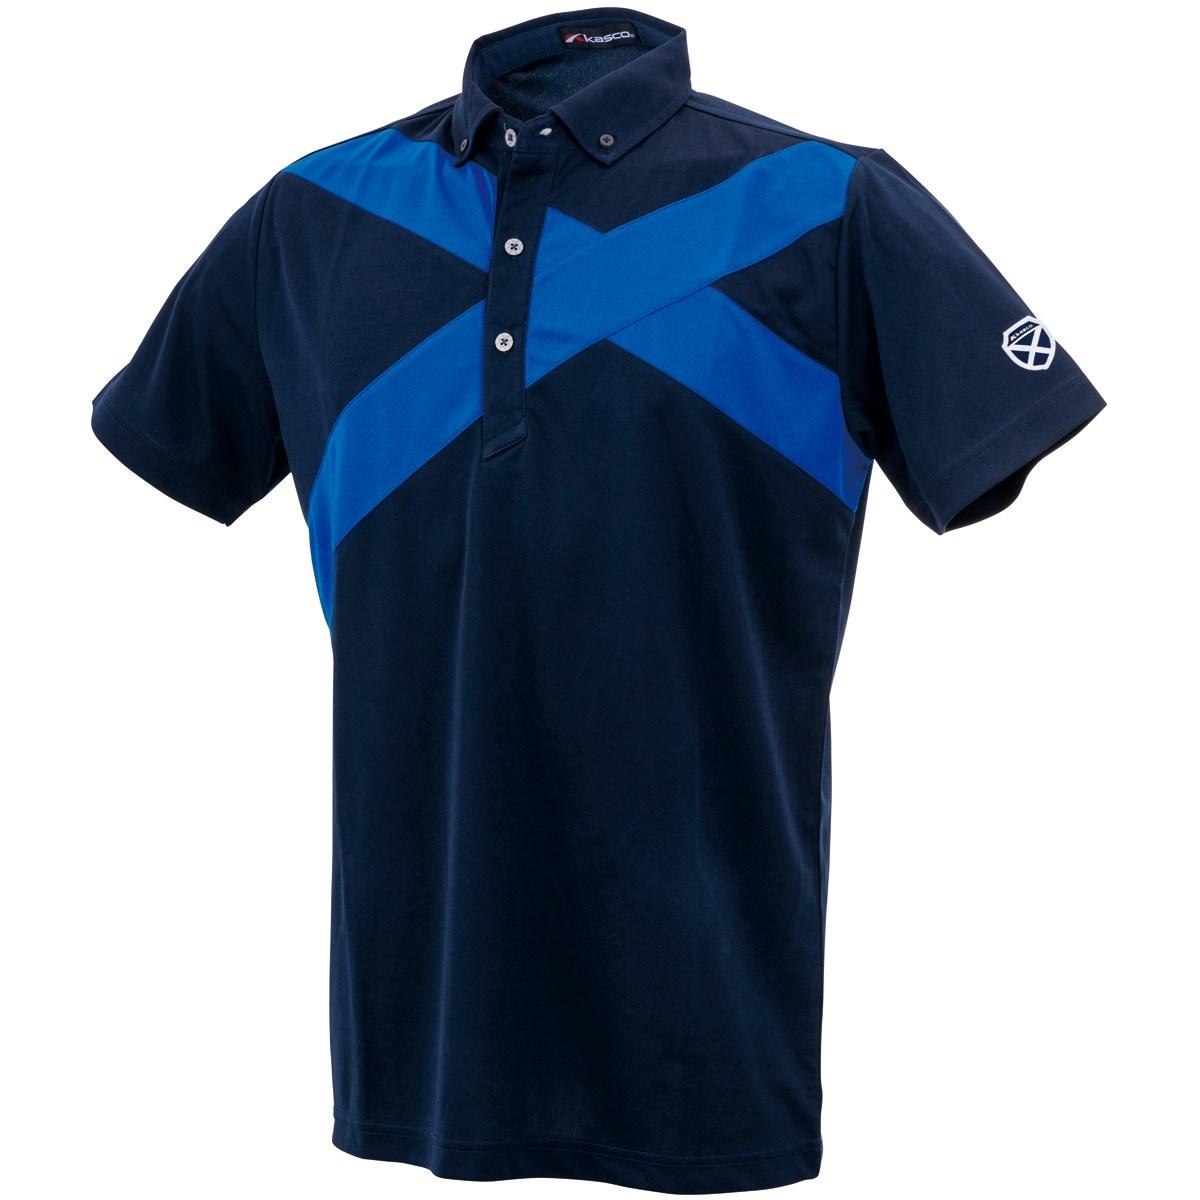 キャスコ(KASCO) スムースボタンダウン半袖ポロシャツ